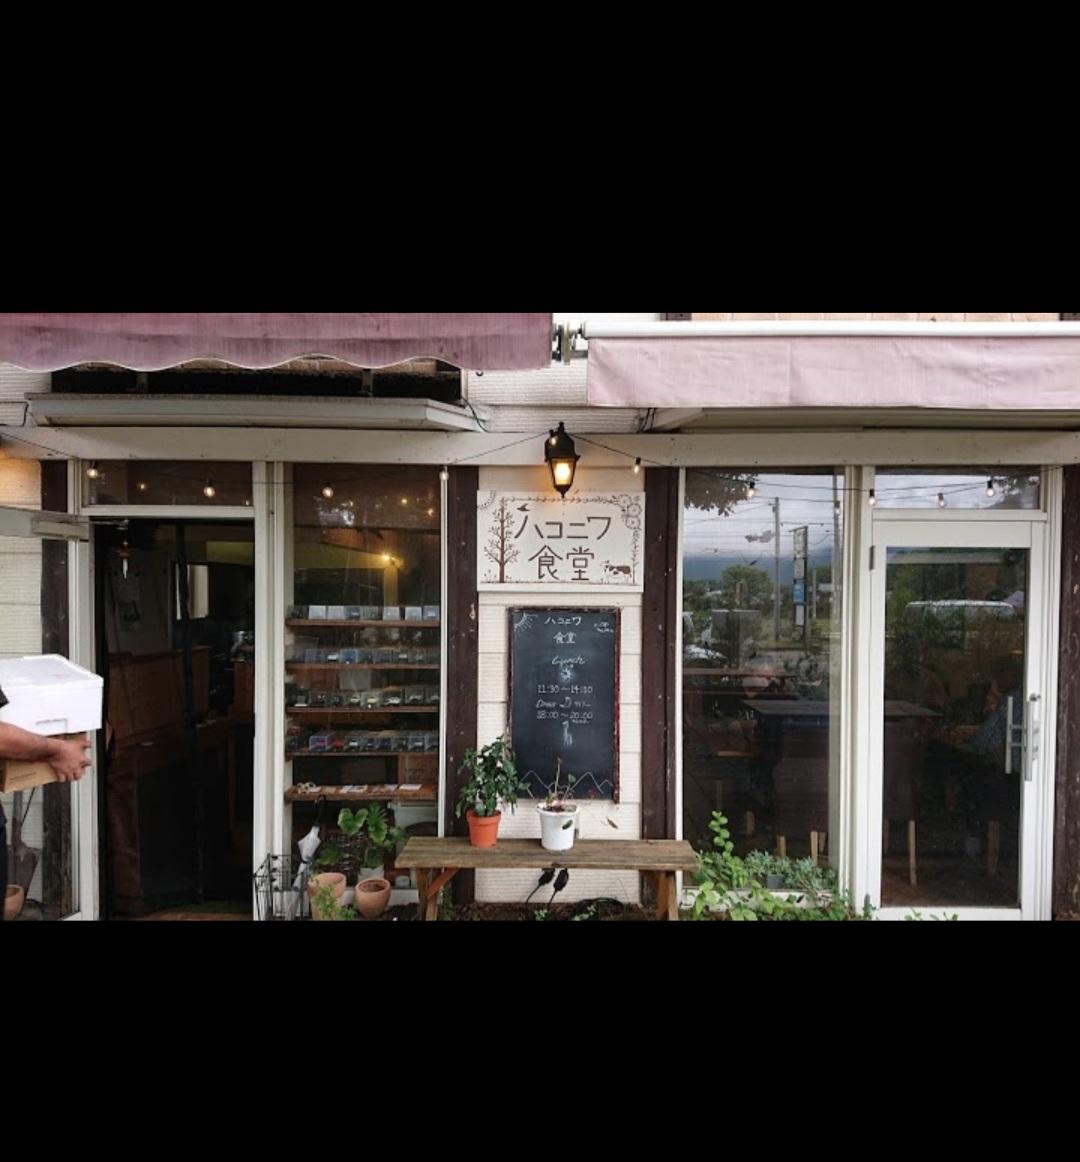 近隣レストラン:「ハコニワ食堂」   とても美味しいです♪